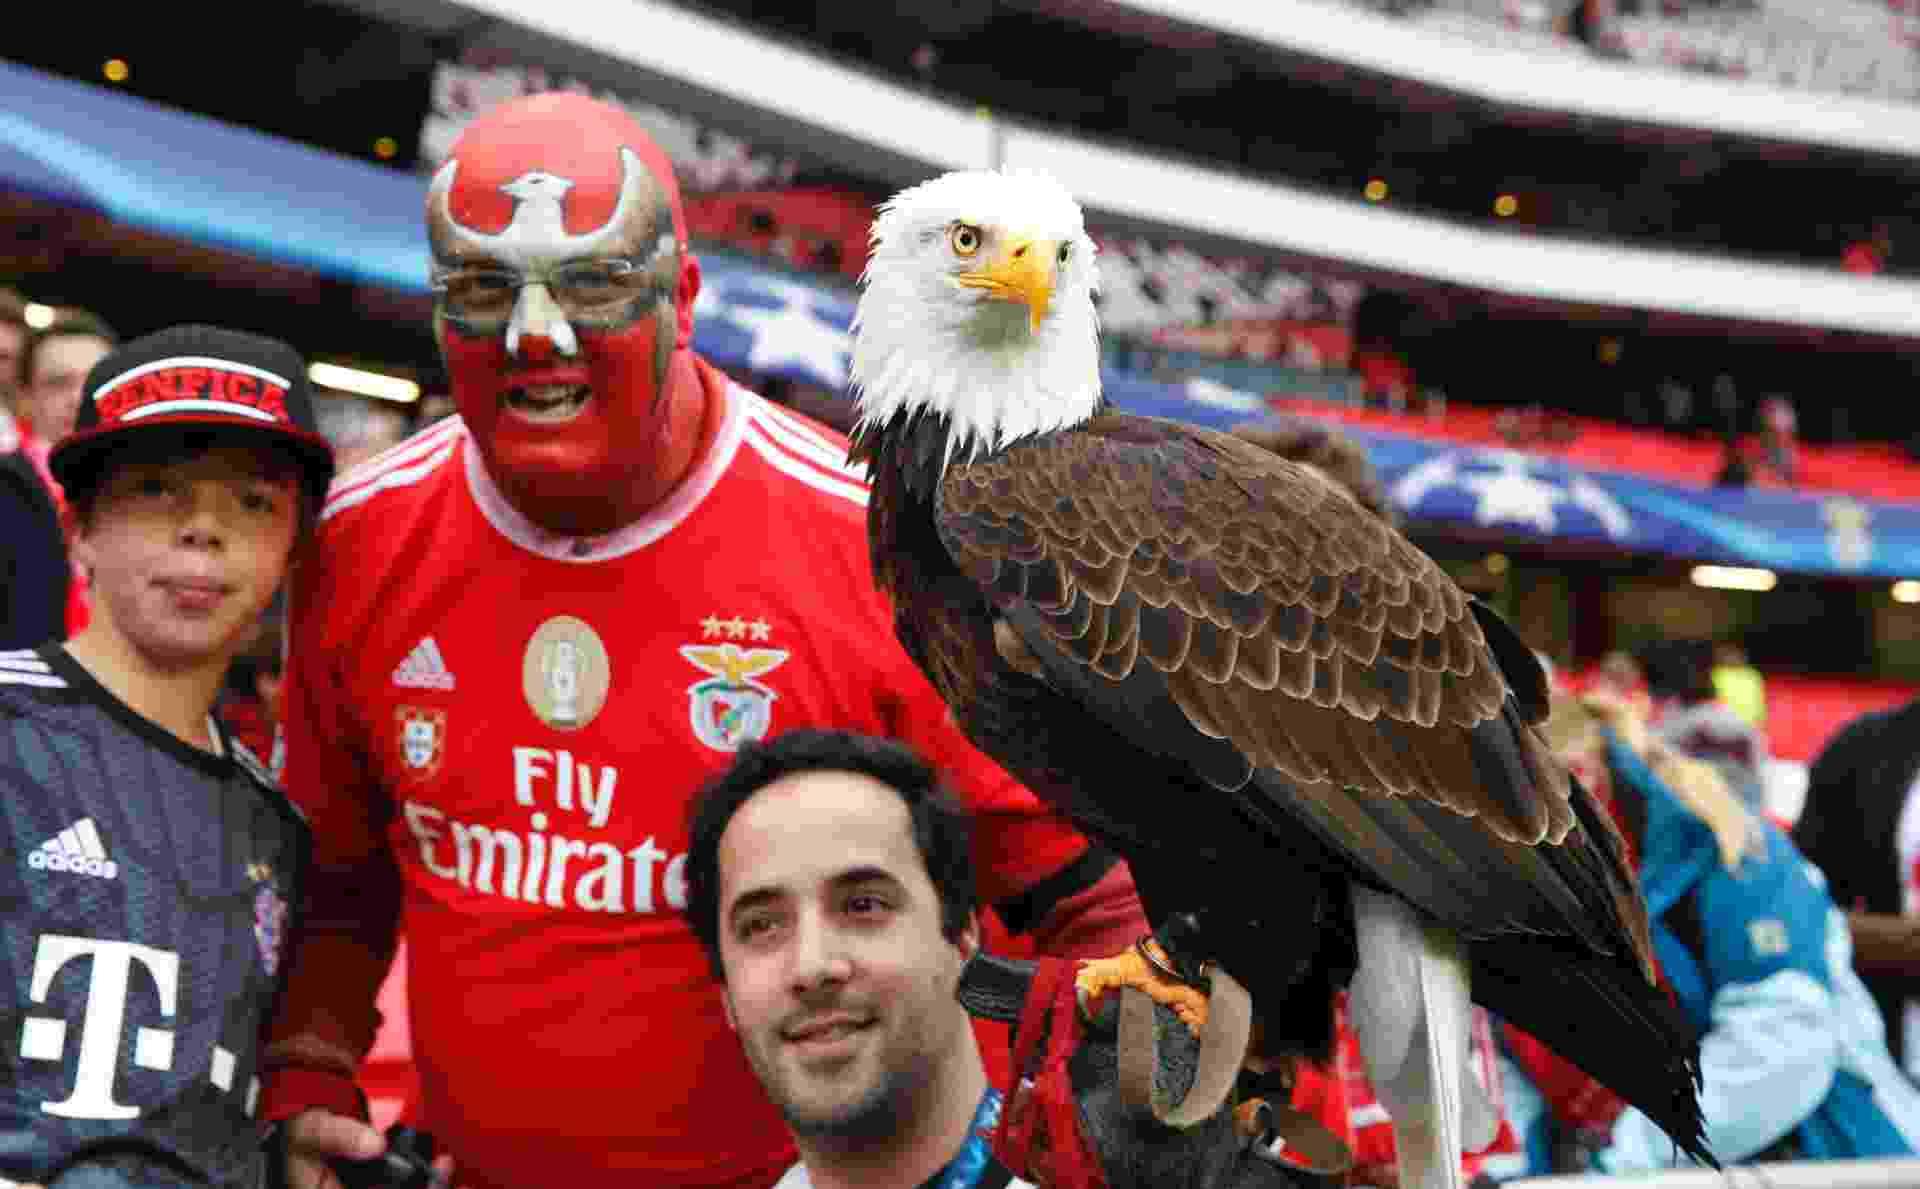 Torcedores posam ao lado da águia, tradicional mascote do Benfica - Paul Hanna/Reuters